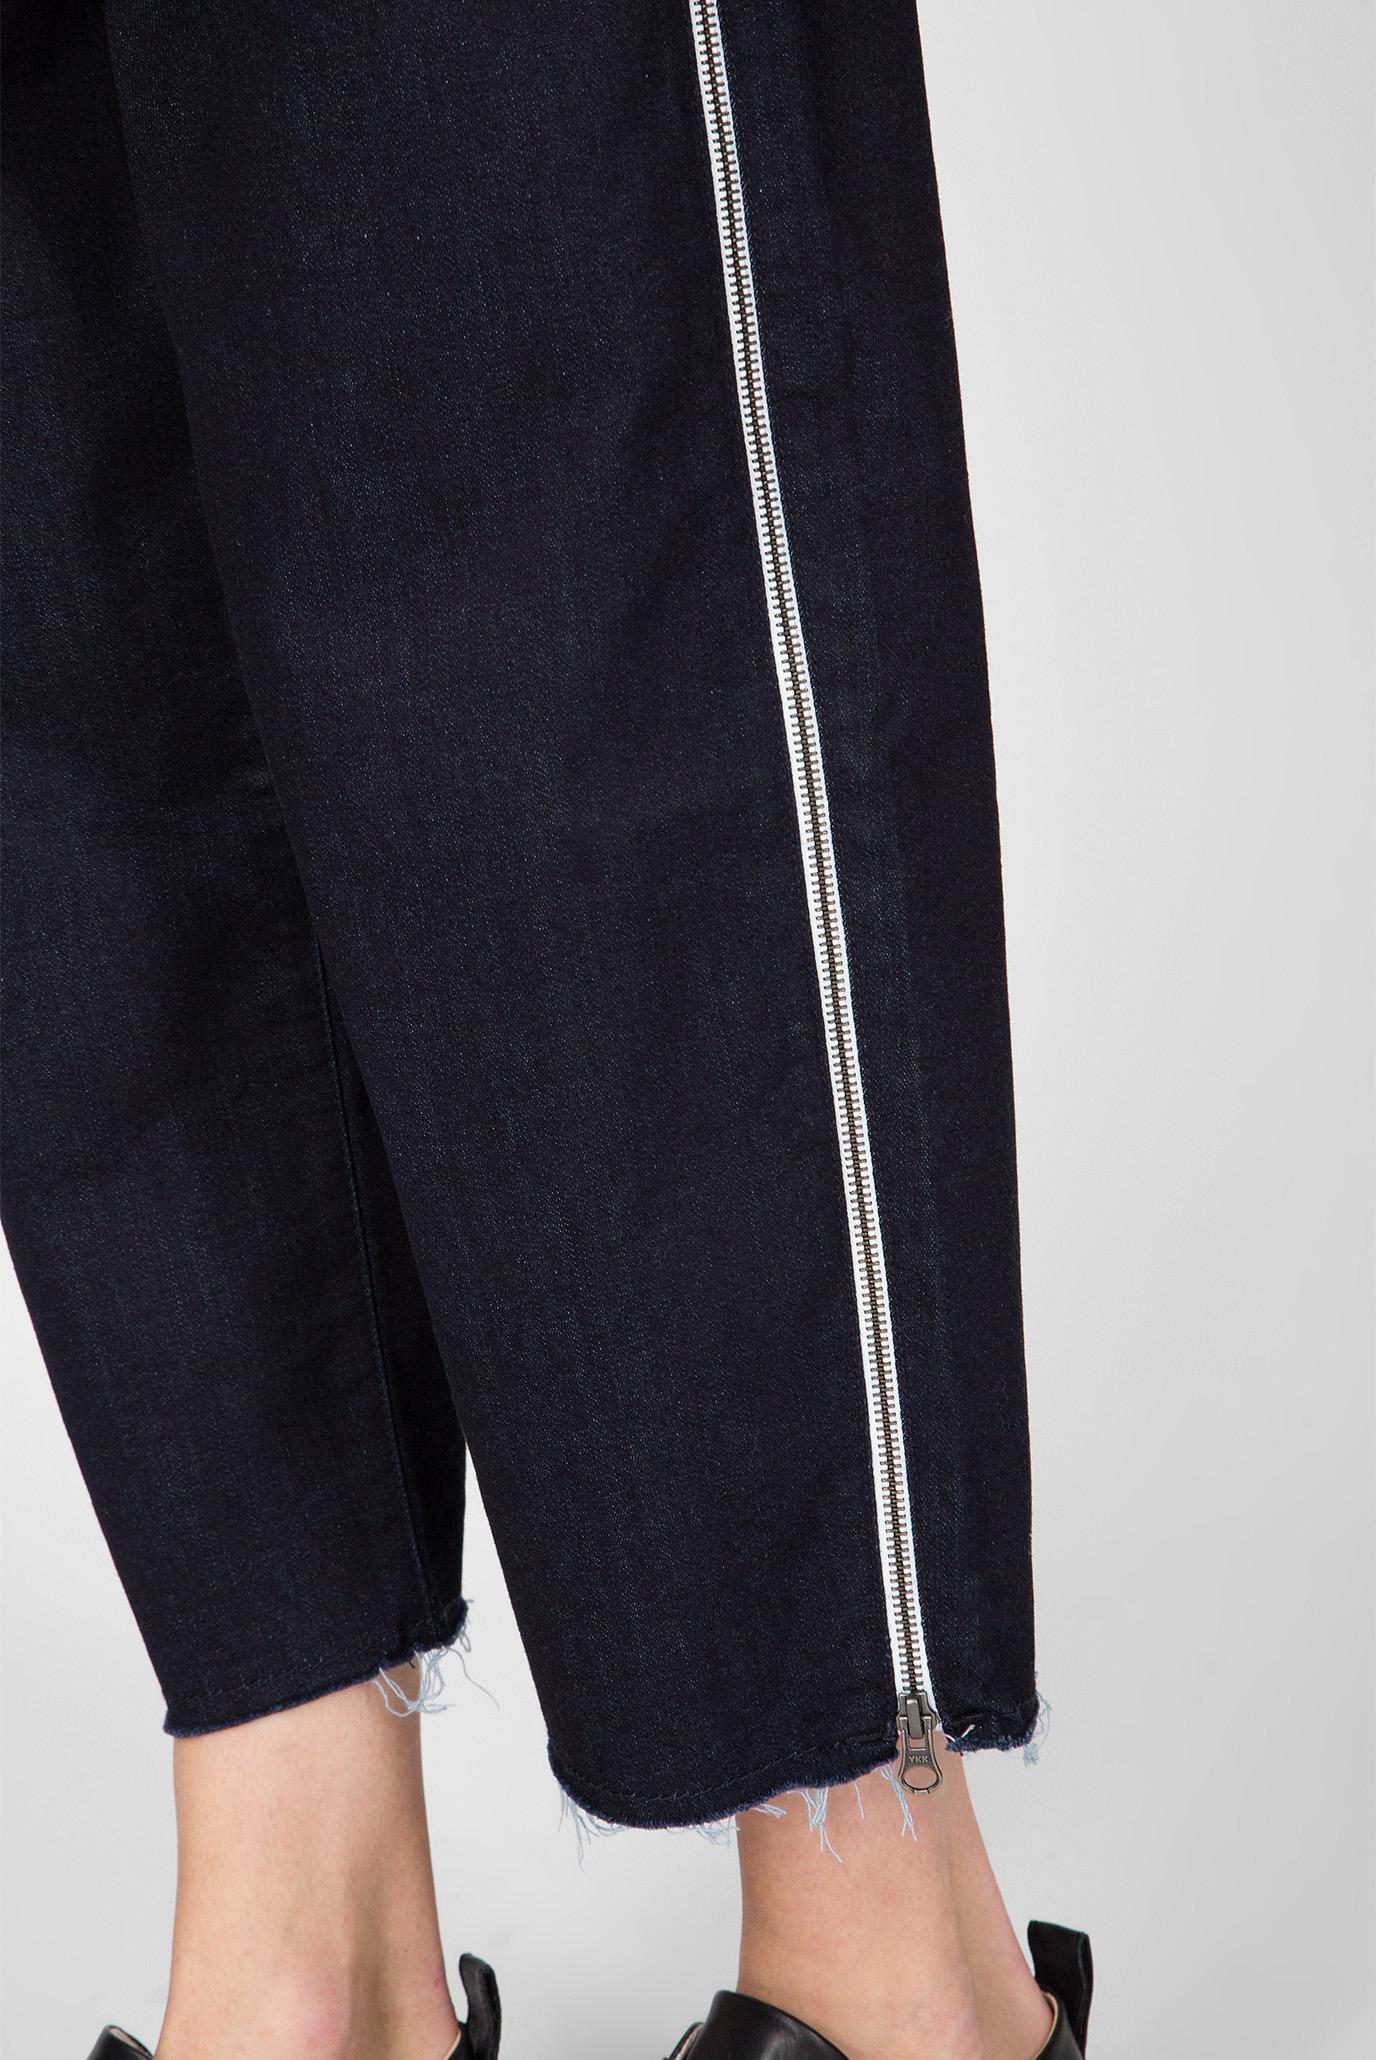 Купить Женские темно-синие джинсы EDIE ZIPPED Pepe Jeans Pepe Jeans PL203131R – Киев, Украина. Цены в интернет магазине MD Fashion